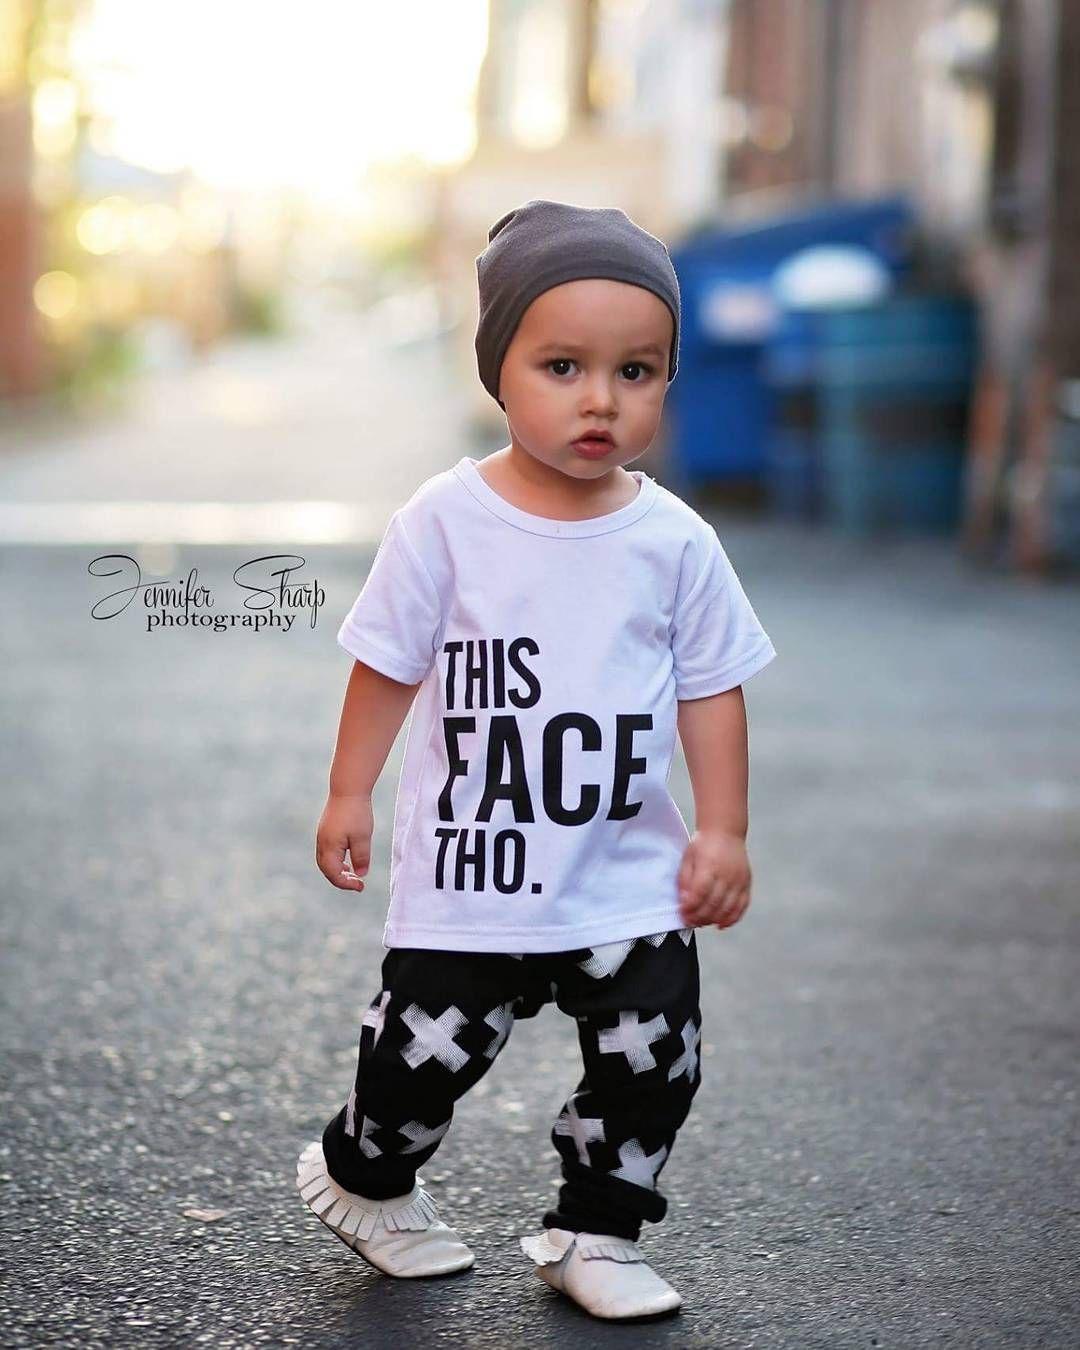 Toddler Boy Models Best Dresses 2019